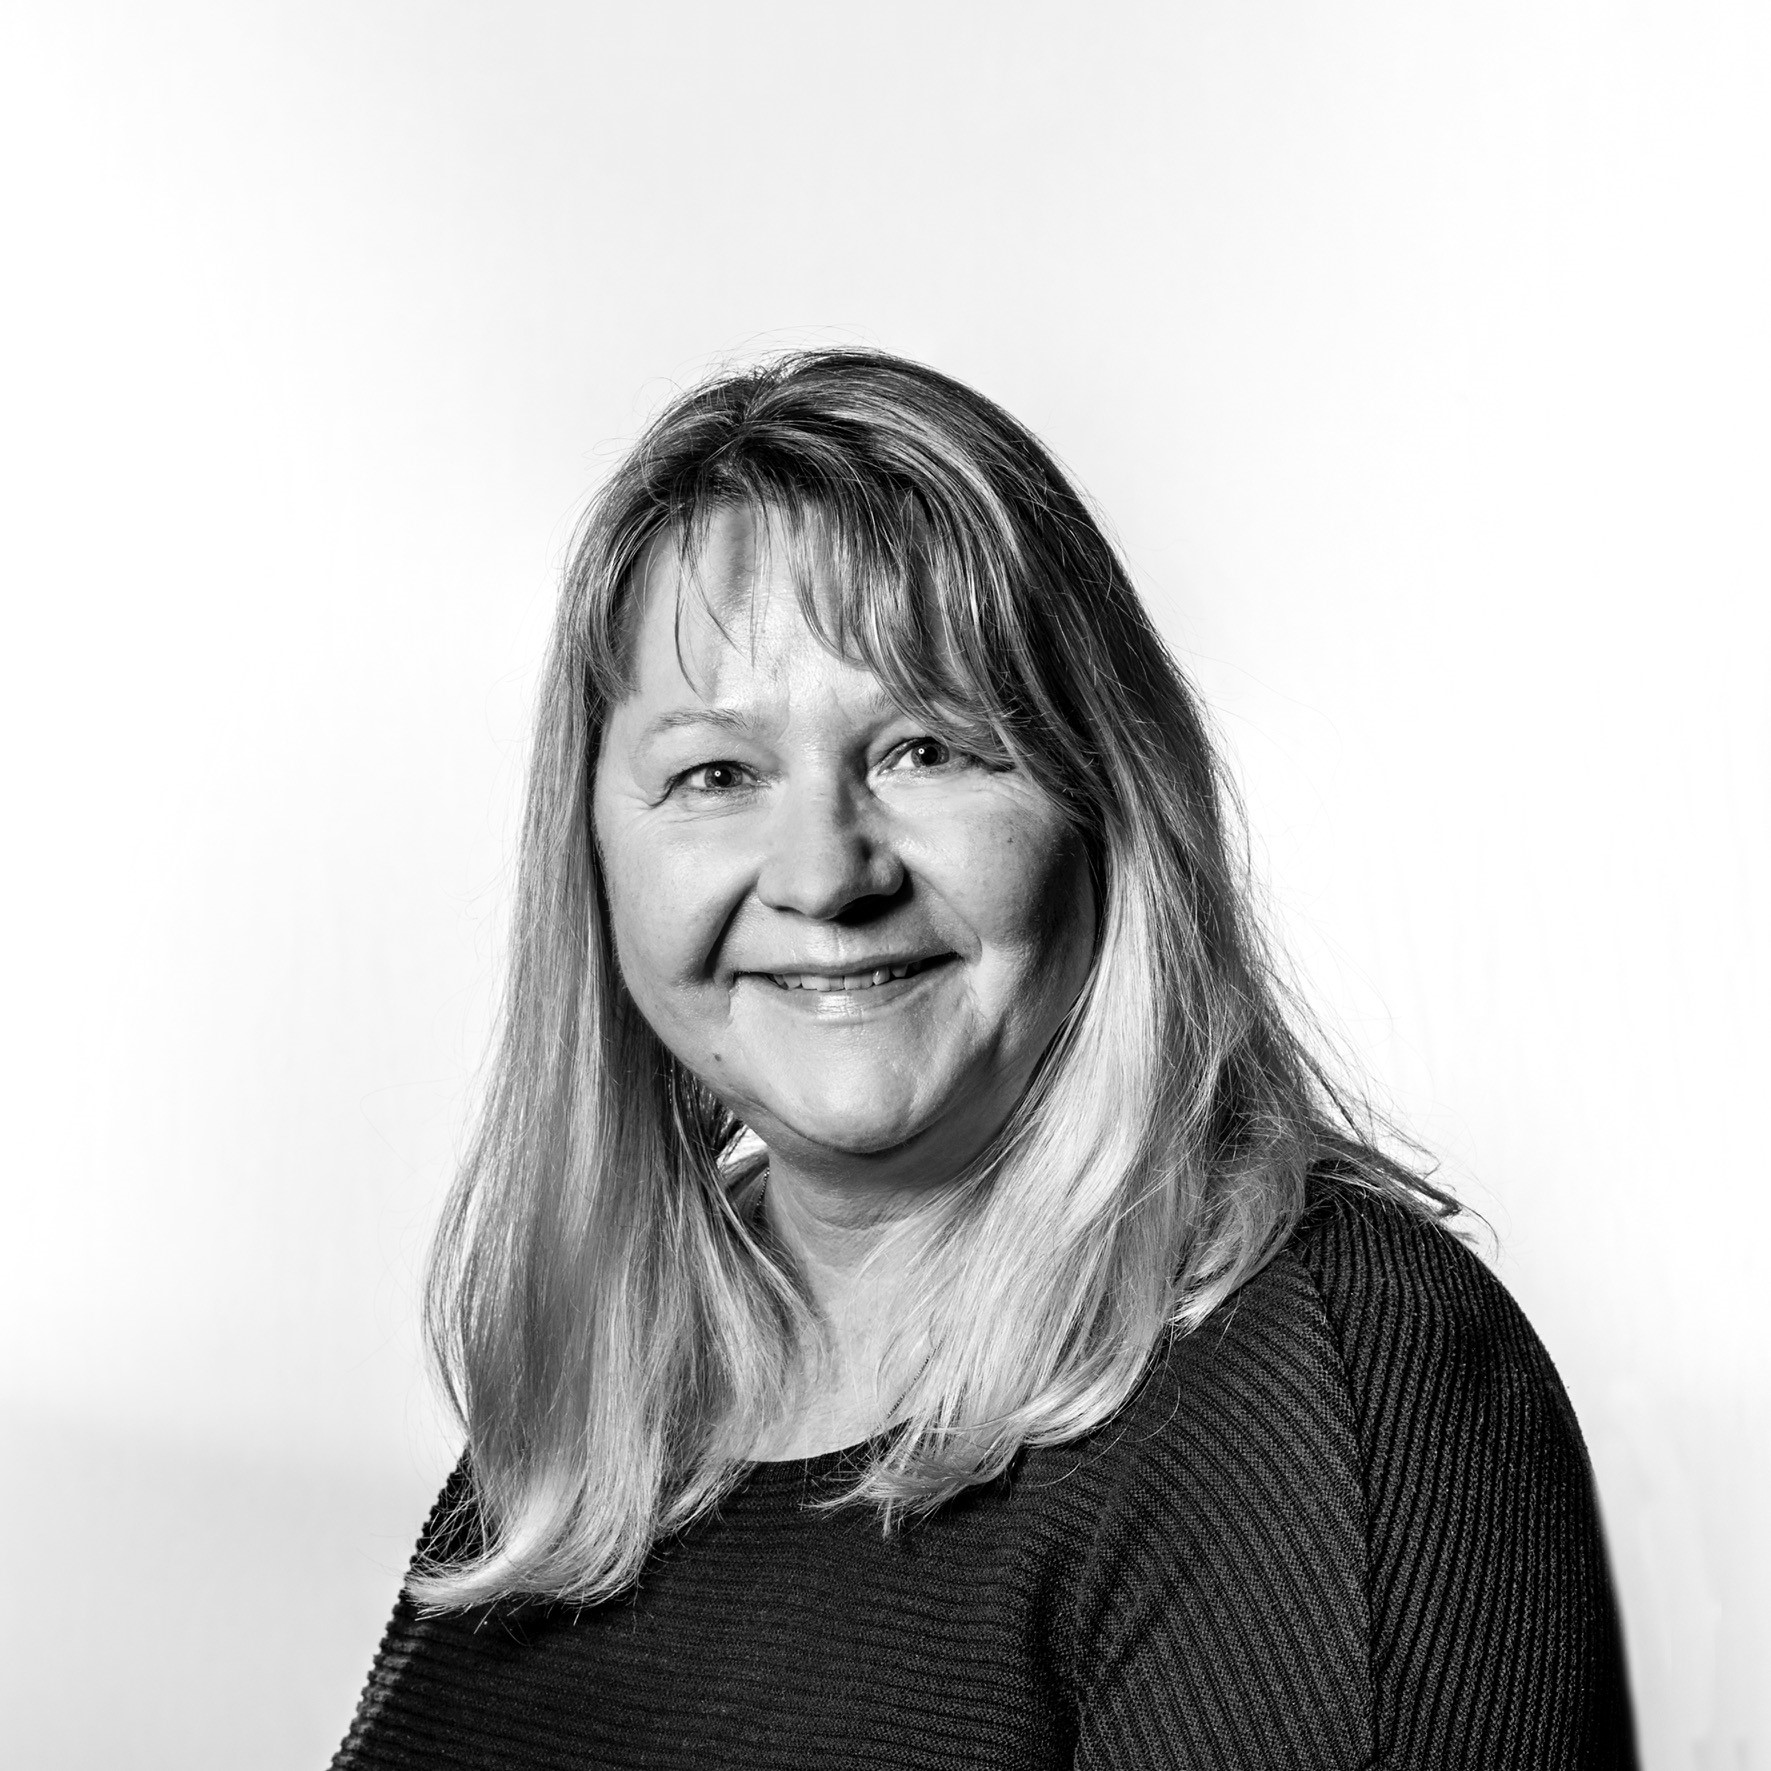 Inge Schulz Riemer